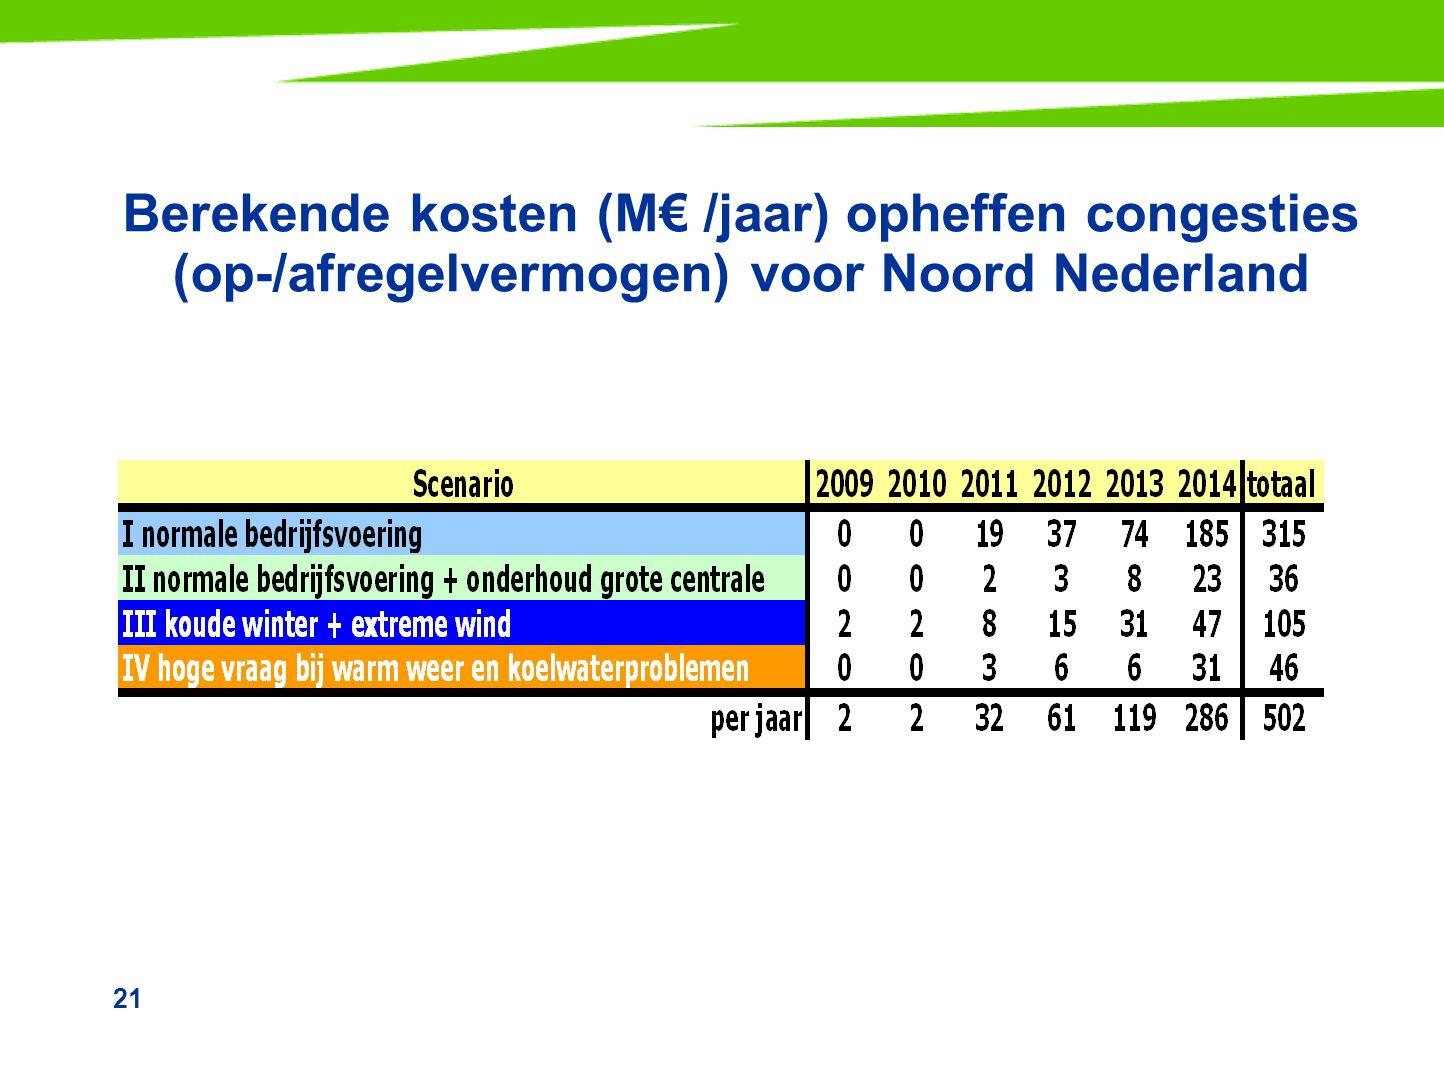 21 Berekende kosten (M€ /jaar) opheffen congesties (op-/afregelvermogen) voor Noord Nederland